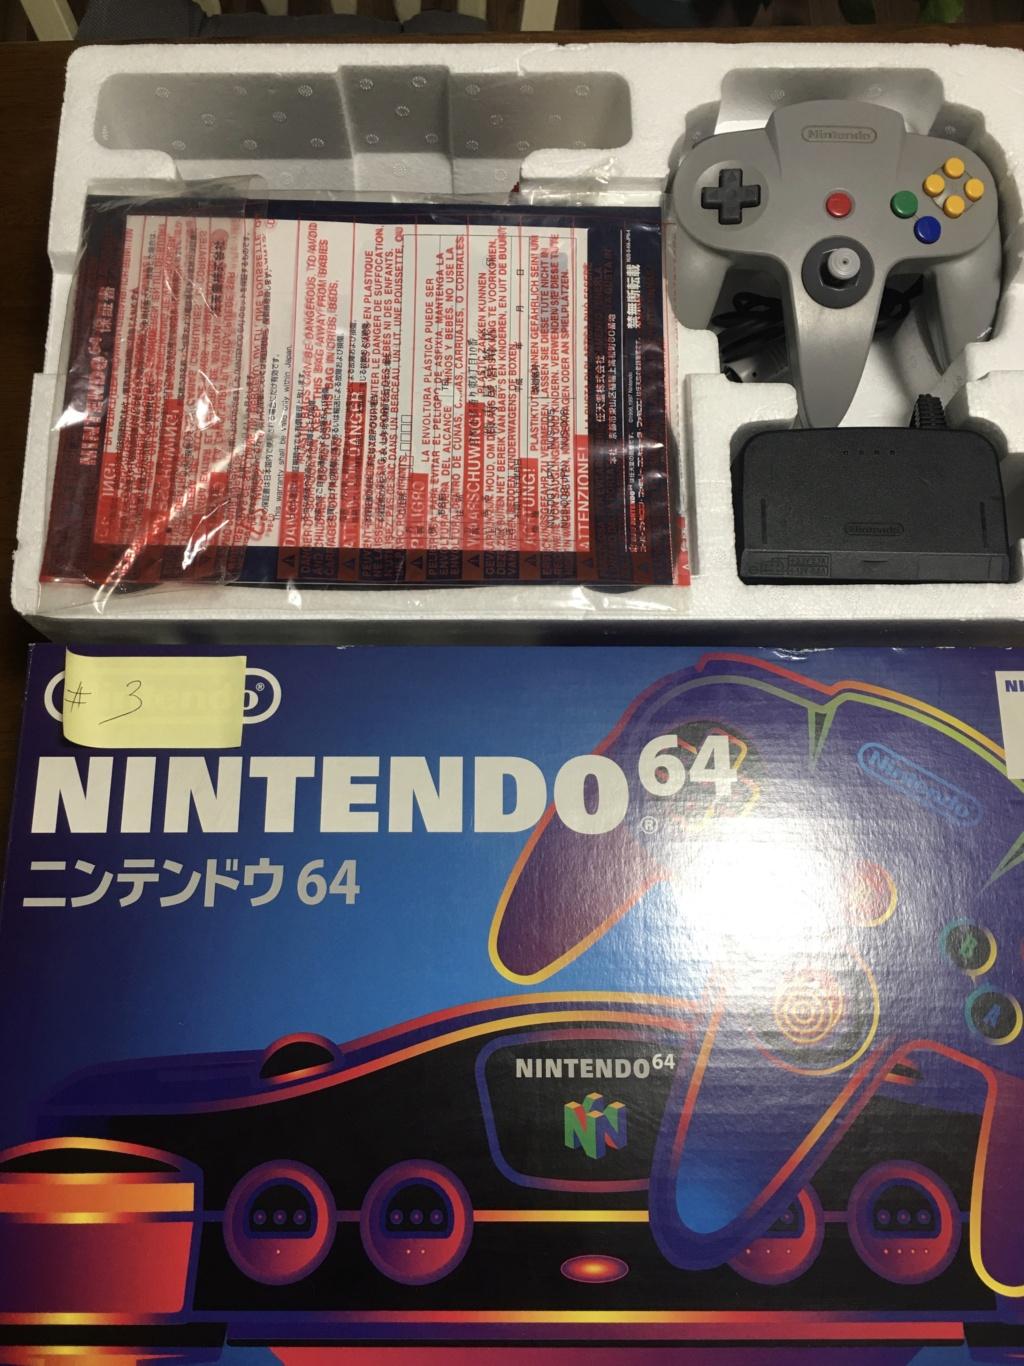 A vendre  N64 Jap x 6 CIB 1bd8e010